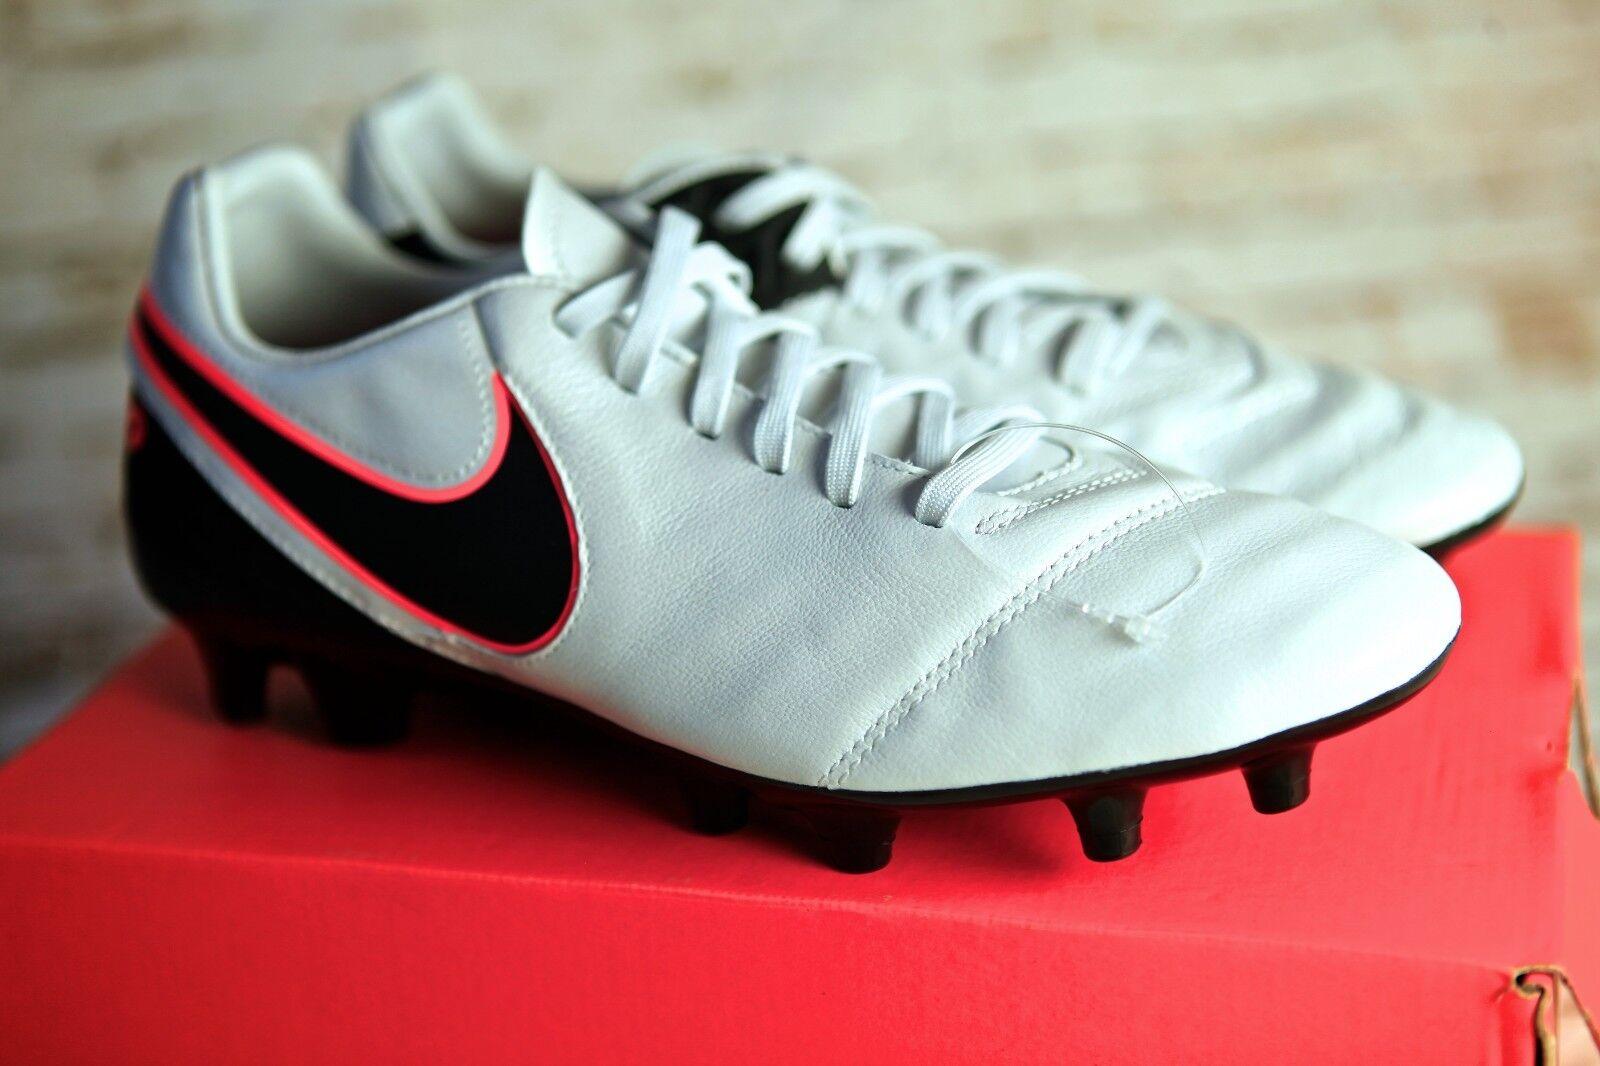 Nike Uomo 8 tiempo mystic / fg nero di pelle calcio arancione gli scarpini da calcio pelle leggenda 1254eb